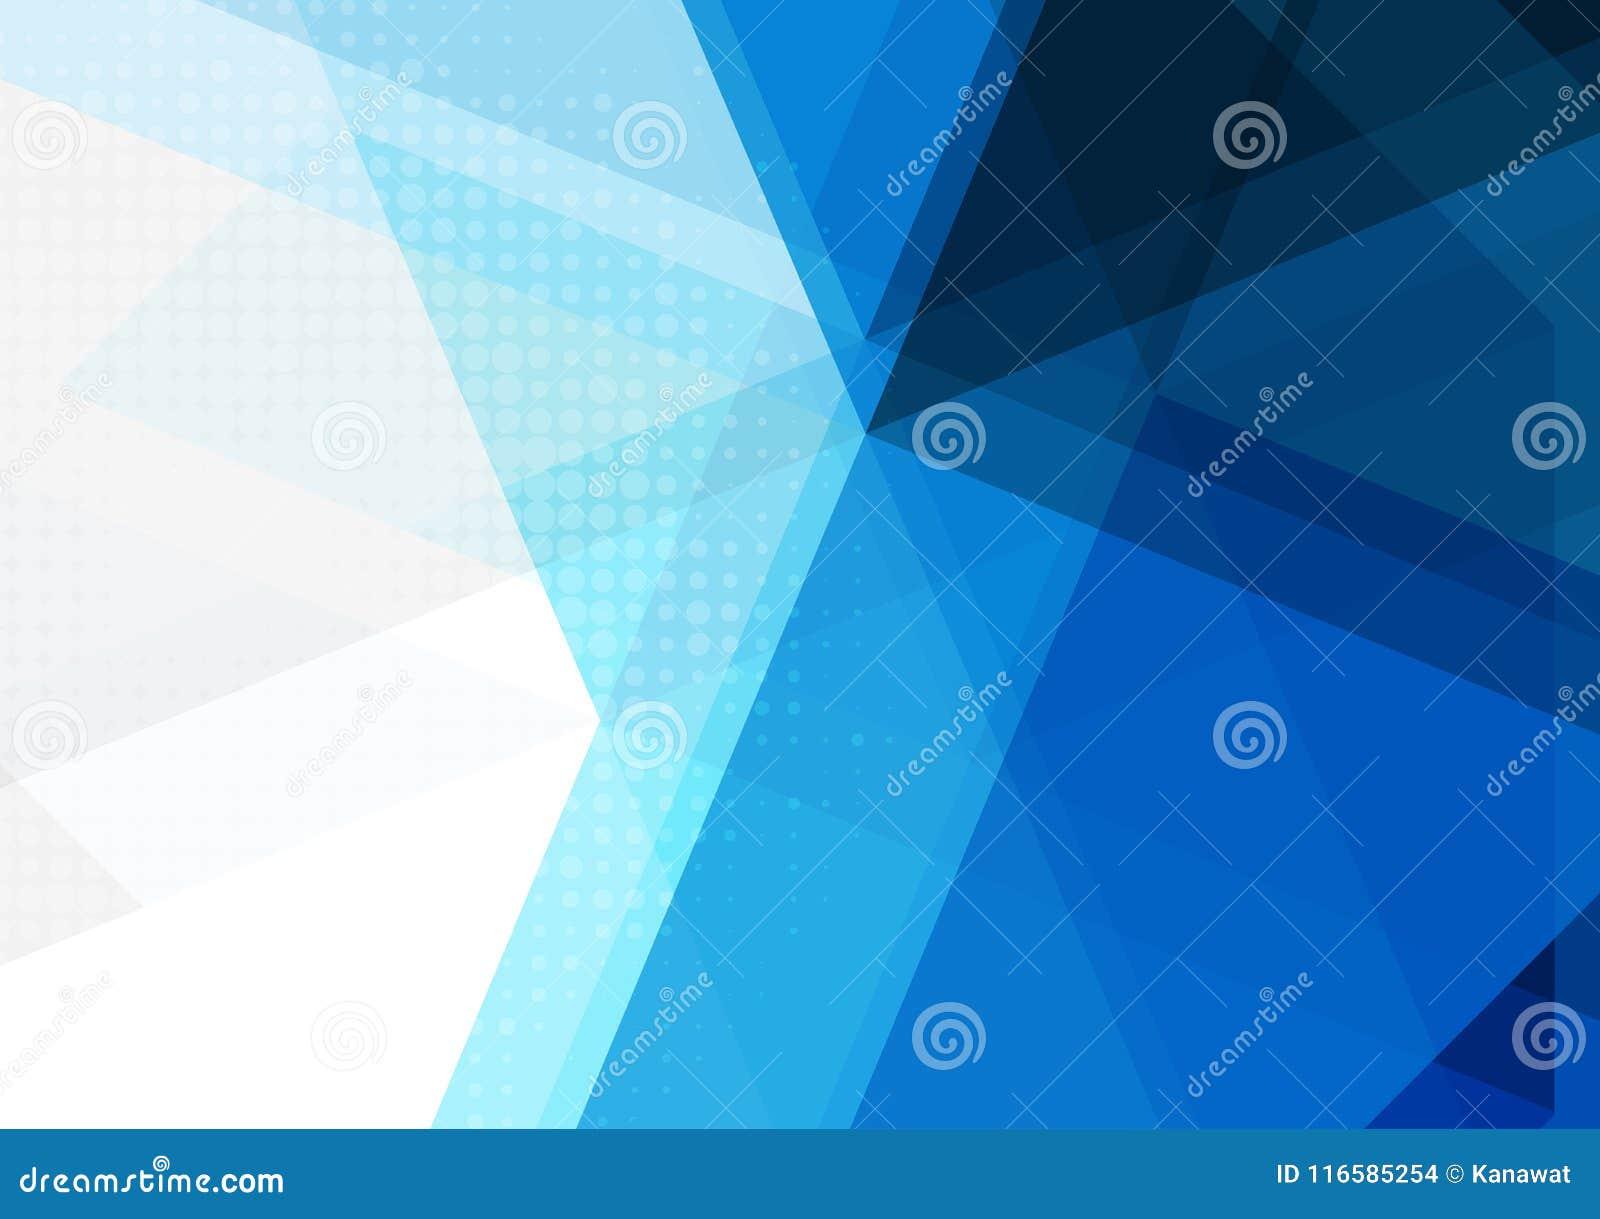 Fundo geométrico abstrato azul, ilustração do vetor